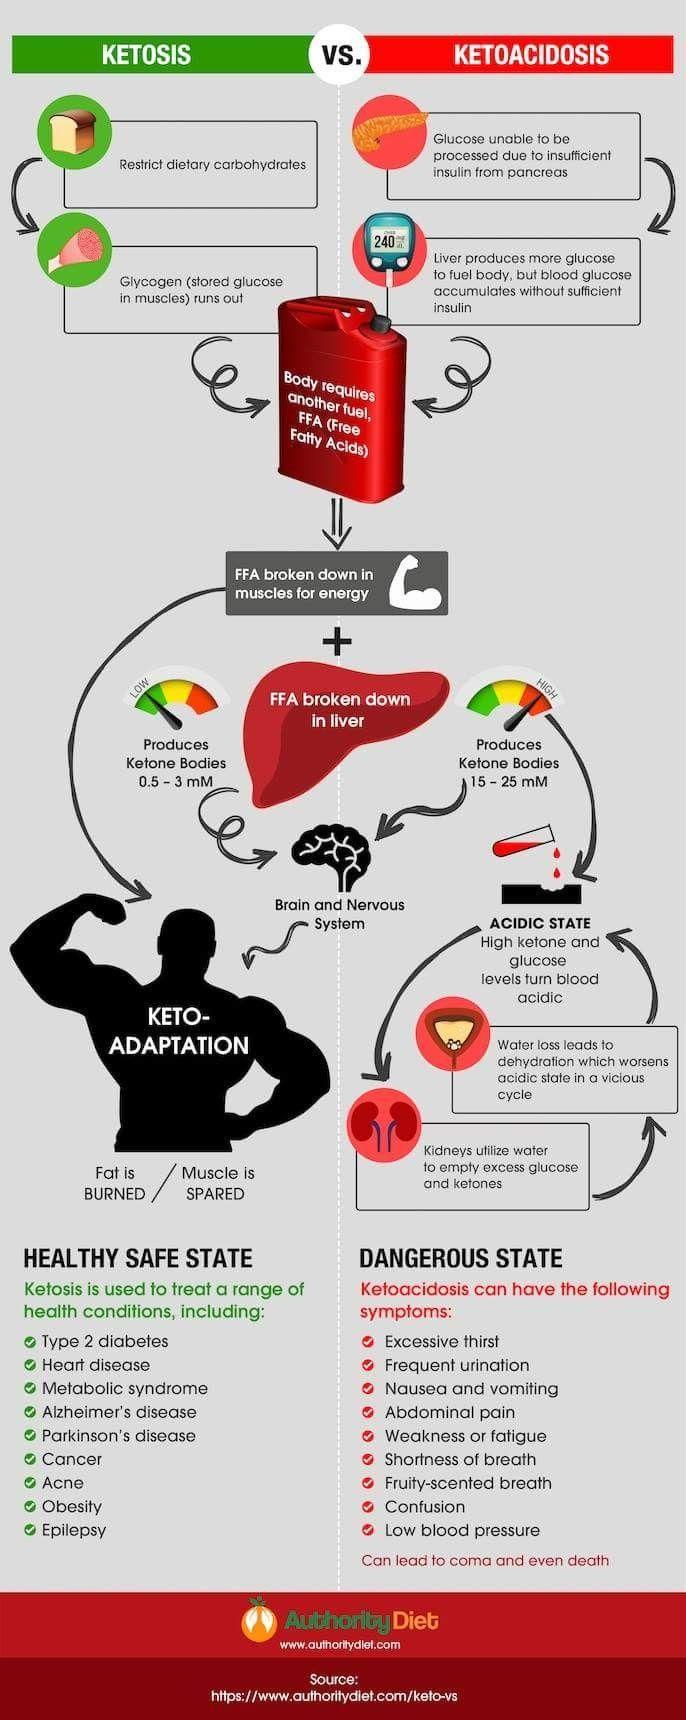 Ketosis Vs Ketoacidosis Infographic With Images Ketosis